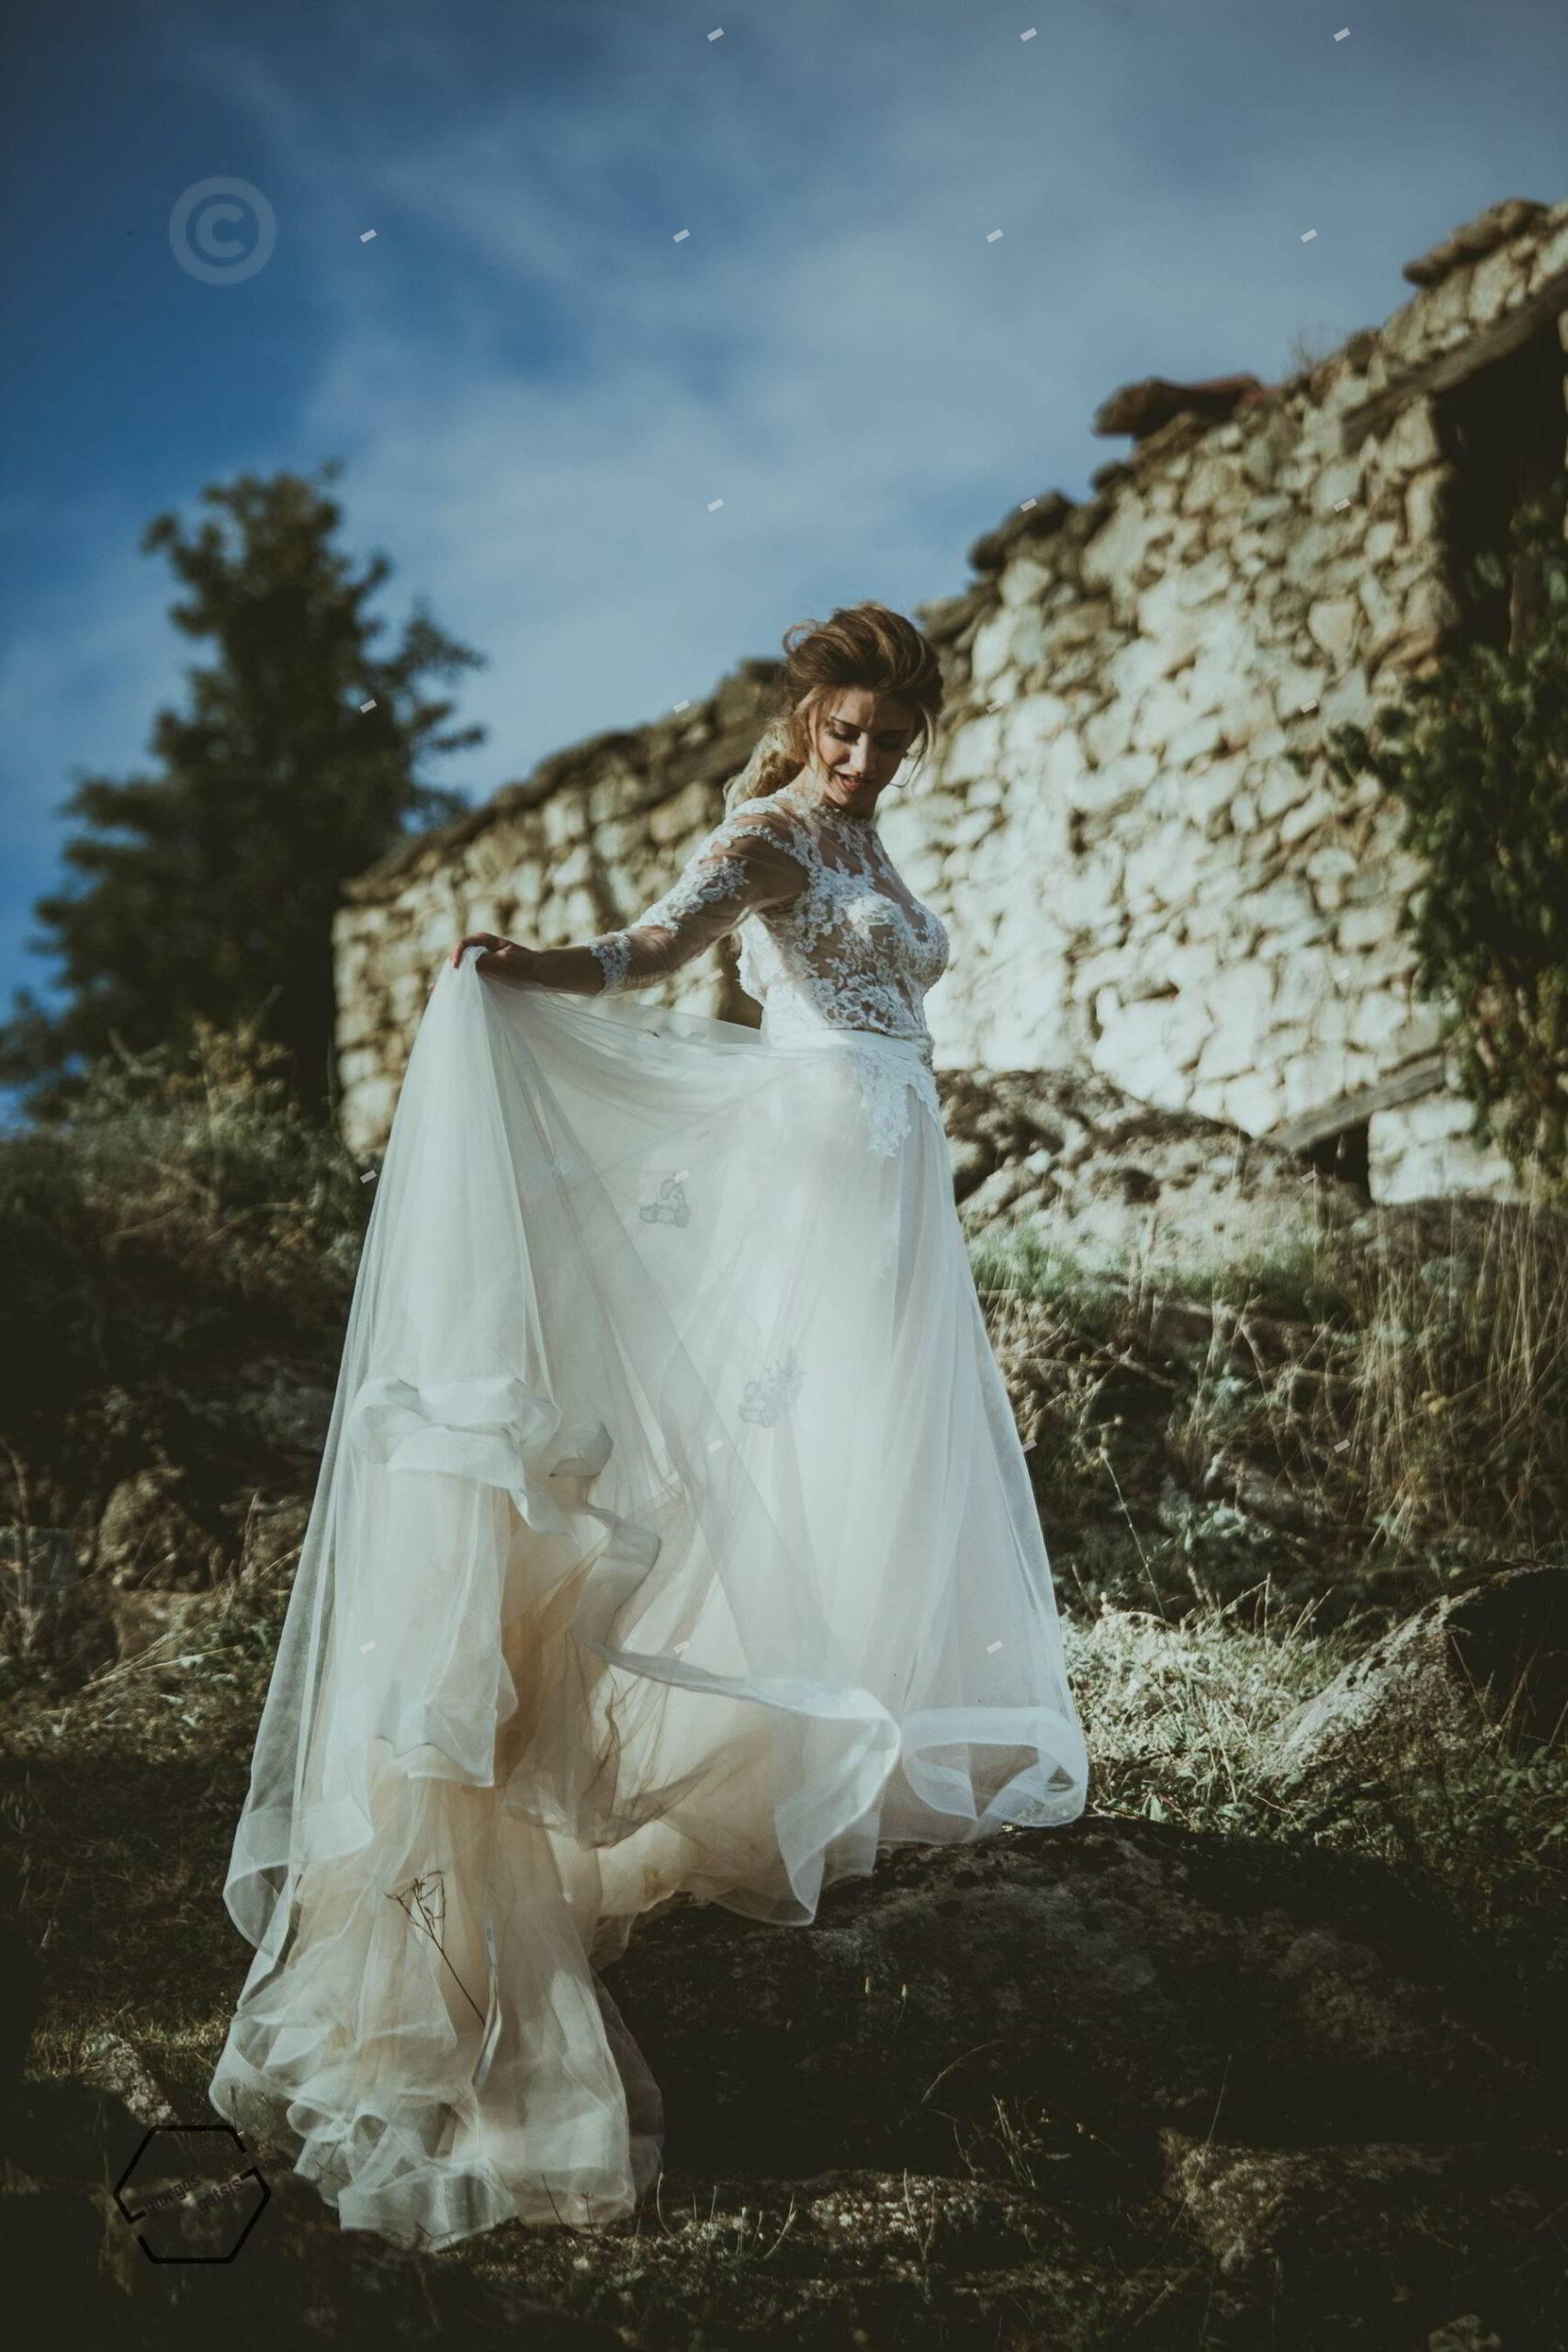 γαμήλιες φωτογράφιες, νύφη